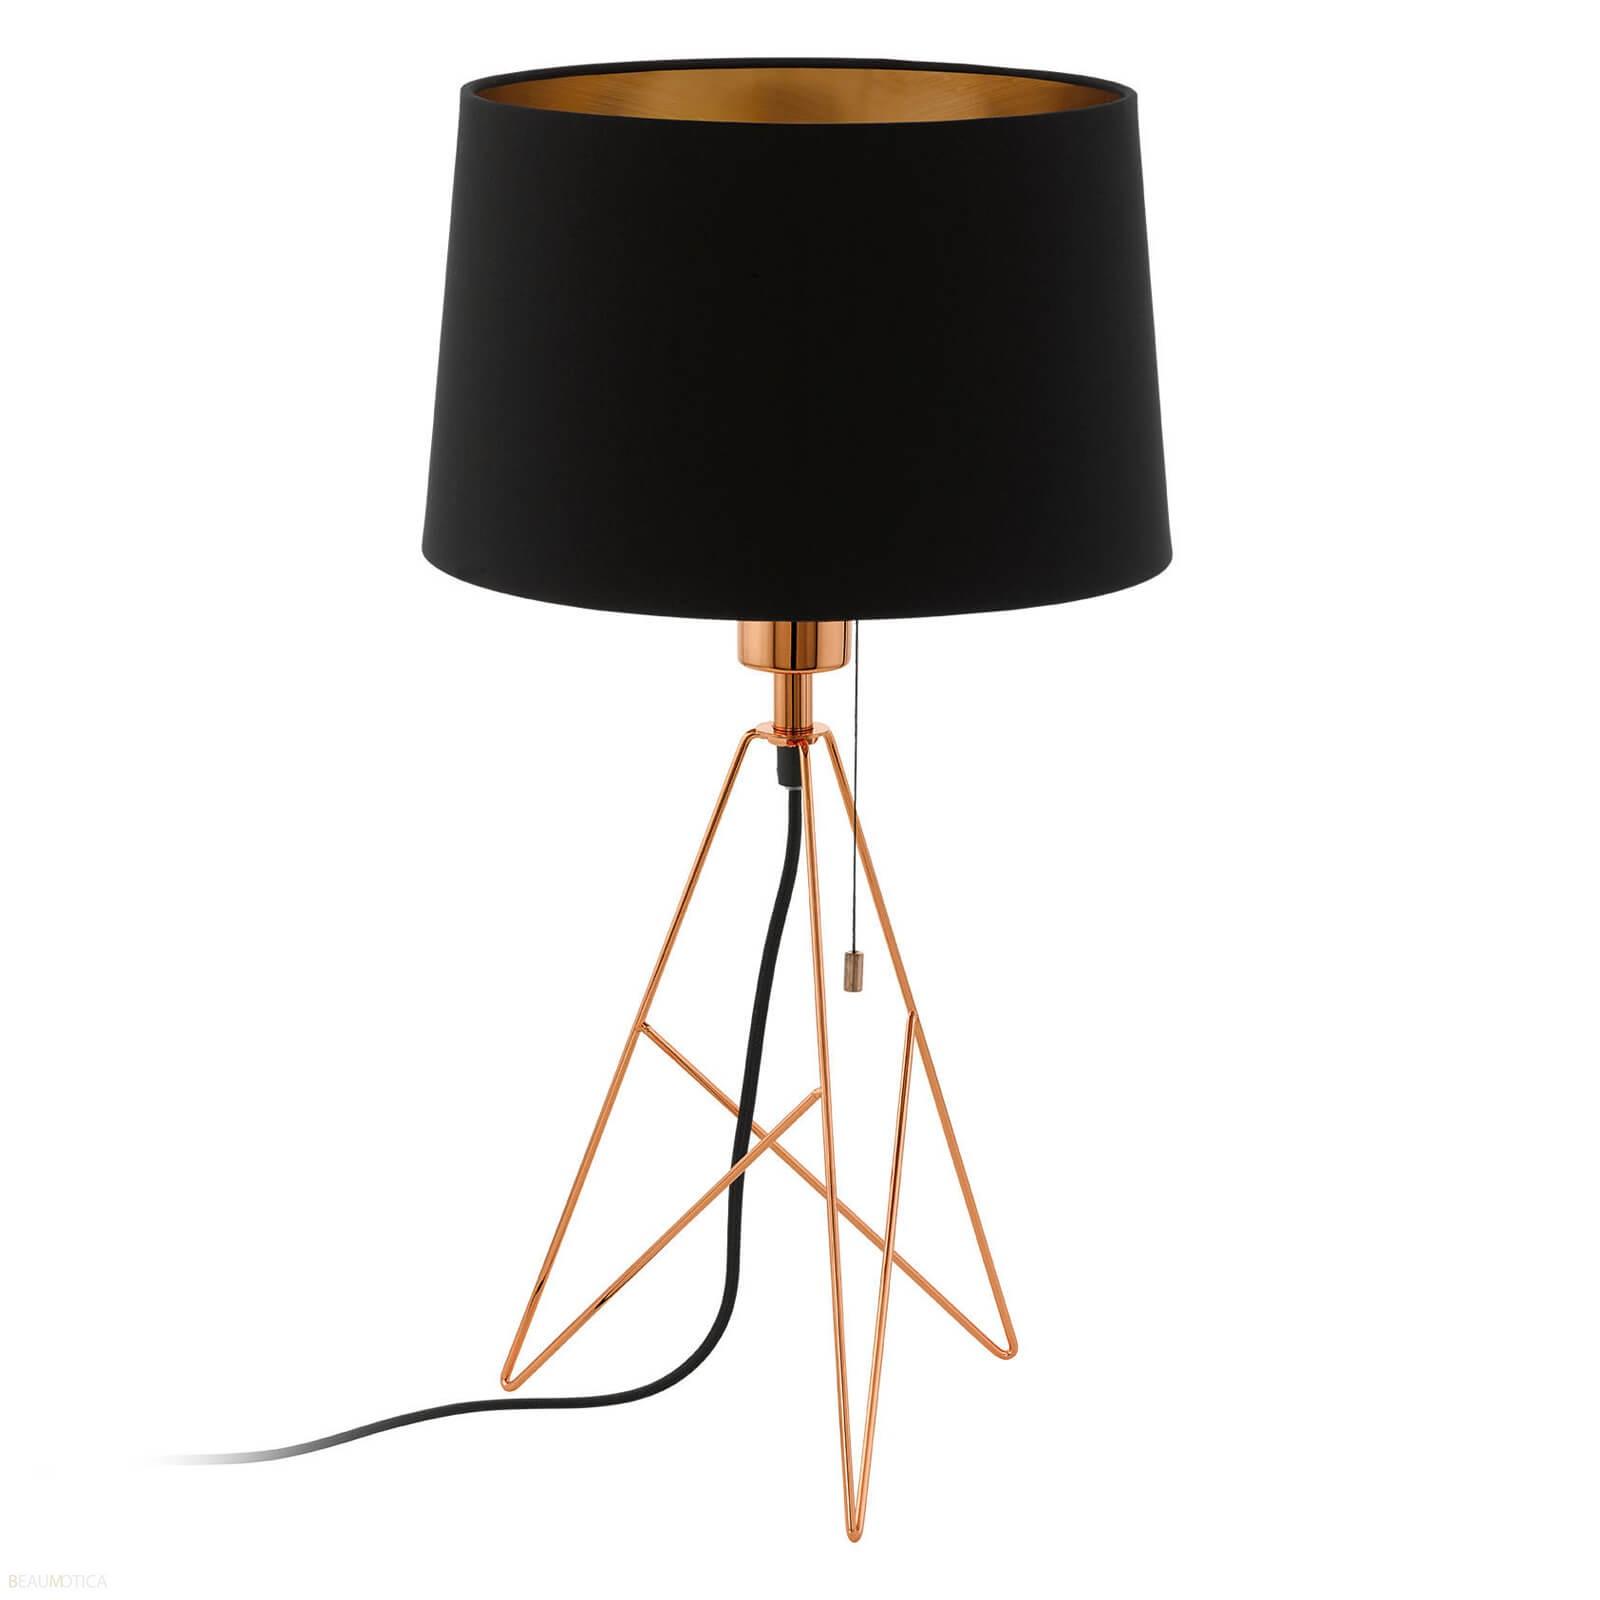 Afbeelding van Eglo Camporale Tafellamp Zwart, Koper (ø30cm)